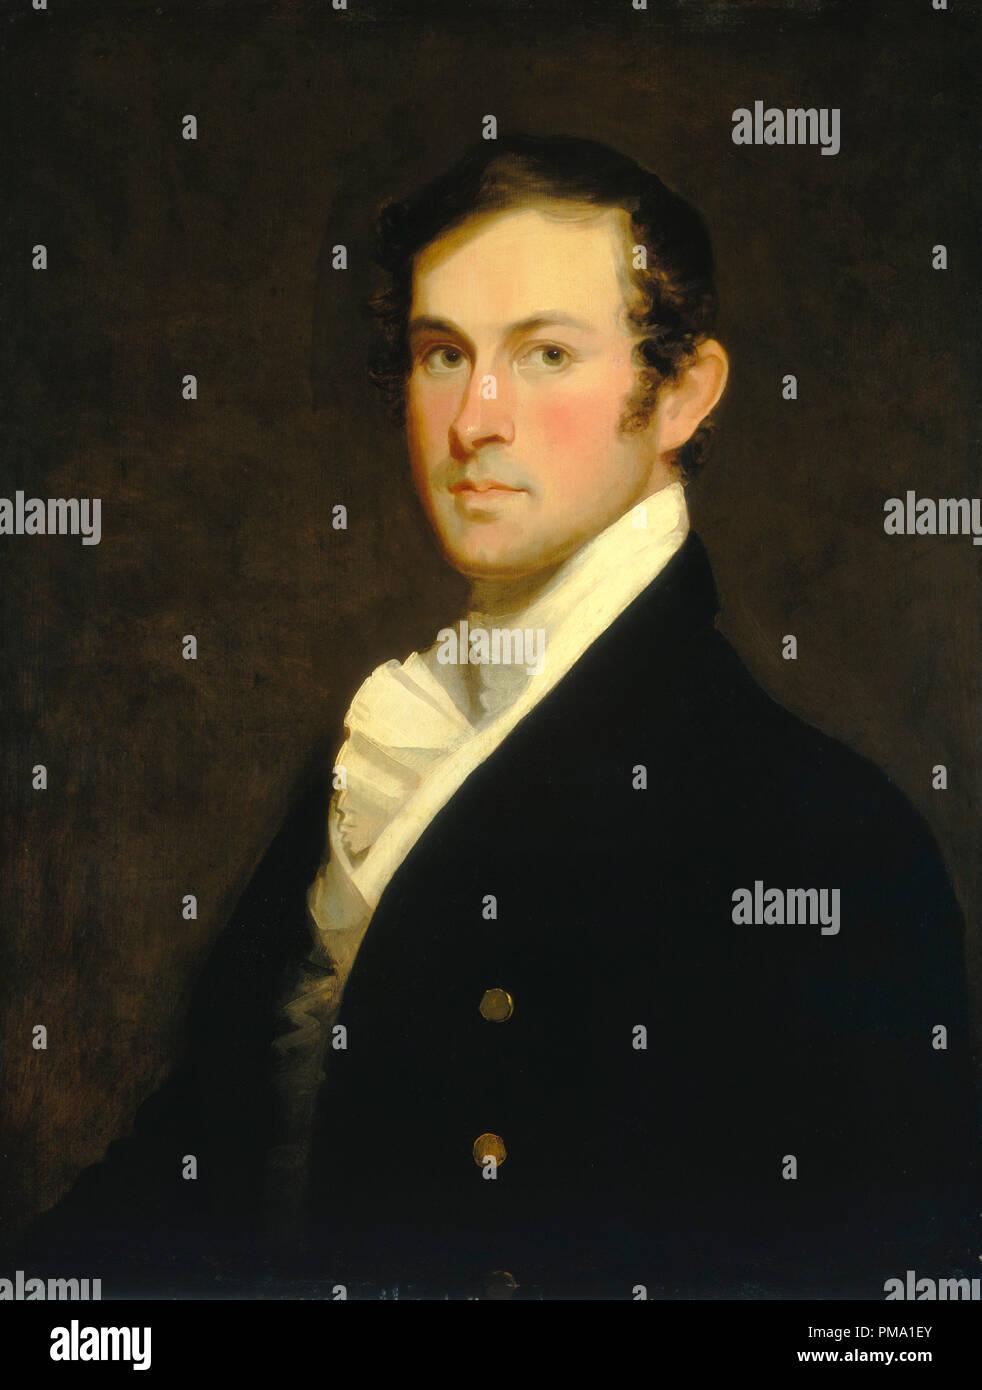 Augusto Fielding Hawkins. Data: c. 1820. Dimensioni: complessivo: 71 x 53,5 cm (27 15/16 x 21 1/16 in.) incorniciato: 91,1 x 78,1 cm (35 7/8 x 30 3/4 in.). Medium: Olio su legno. Museo: National Gallery of Art di Washington DC. Autore: Matthew Harris Jouett. Immagini Stock